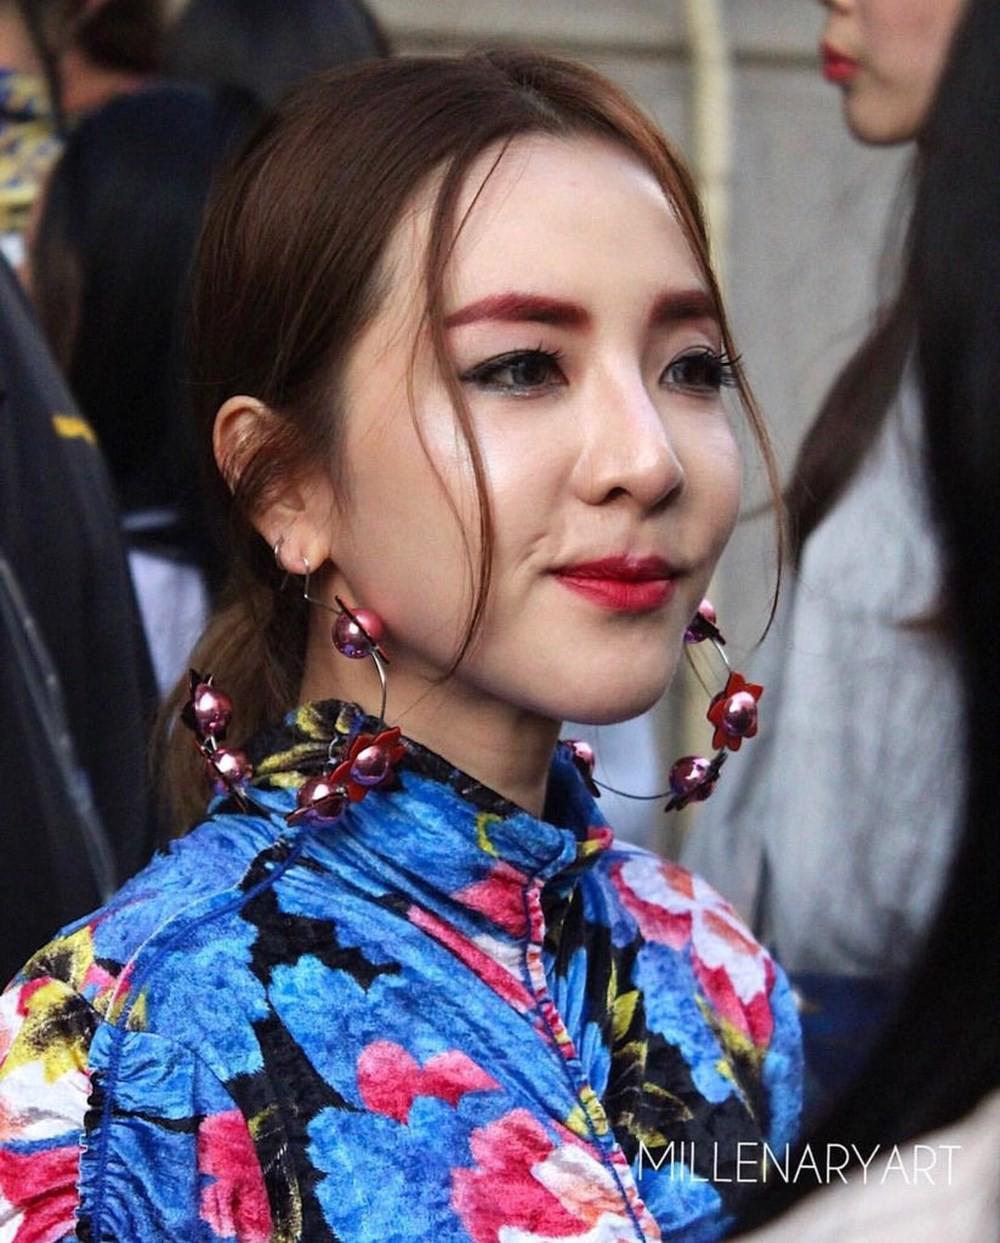 Những màn tuột dốc mỹ nhân Hàn chỉ muốn giấu nhẹm: Kẻ lộ mặt đơ cứng, tường thành bị bóc mẽ photoshop - Ảnh 10.